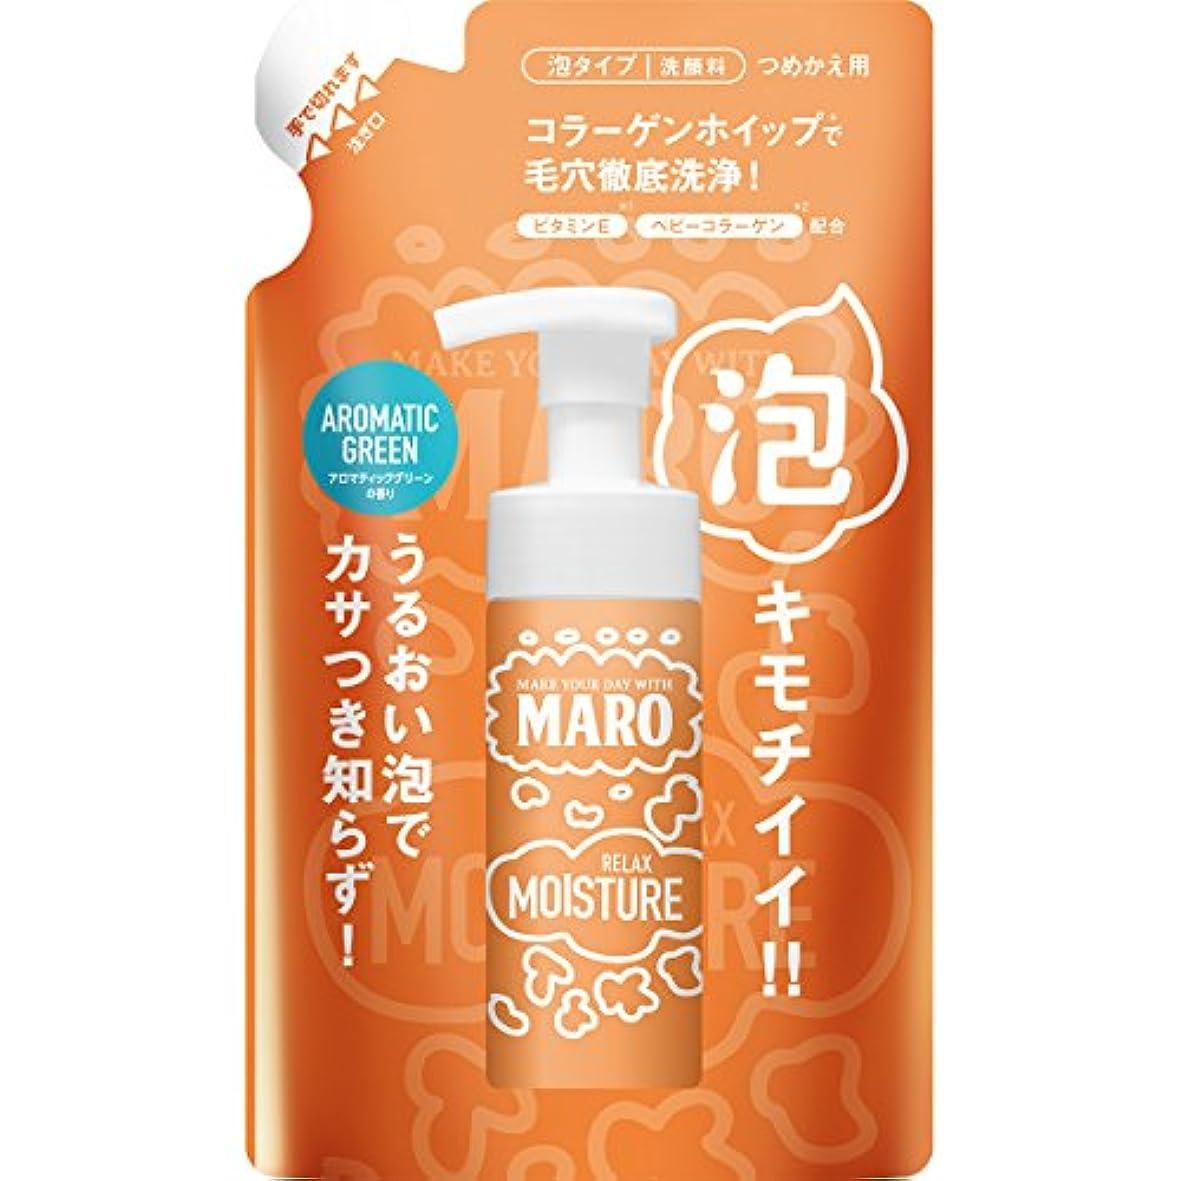 識別するループ気楽なMARO グルーヴィー 泡洗顔 詰め替え リラックスモイスチャー 130ml